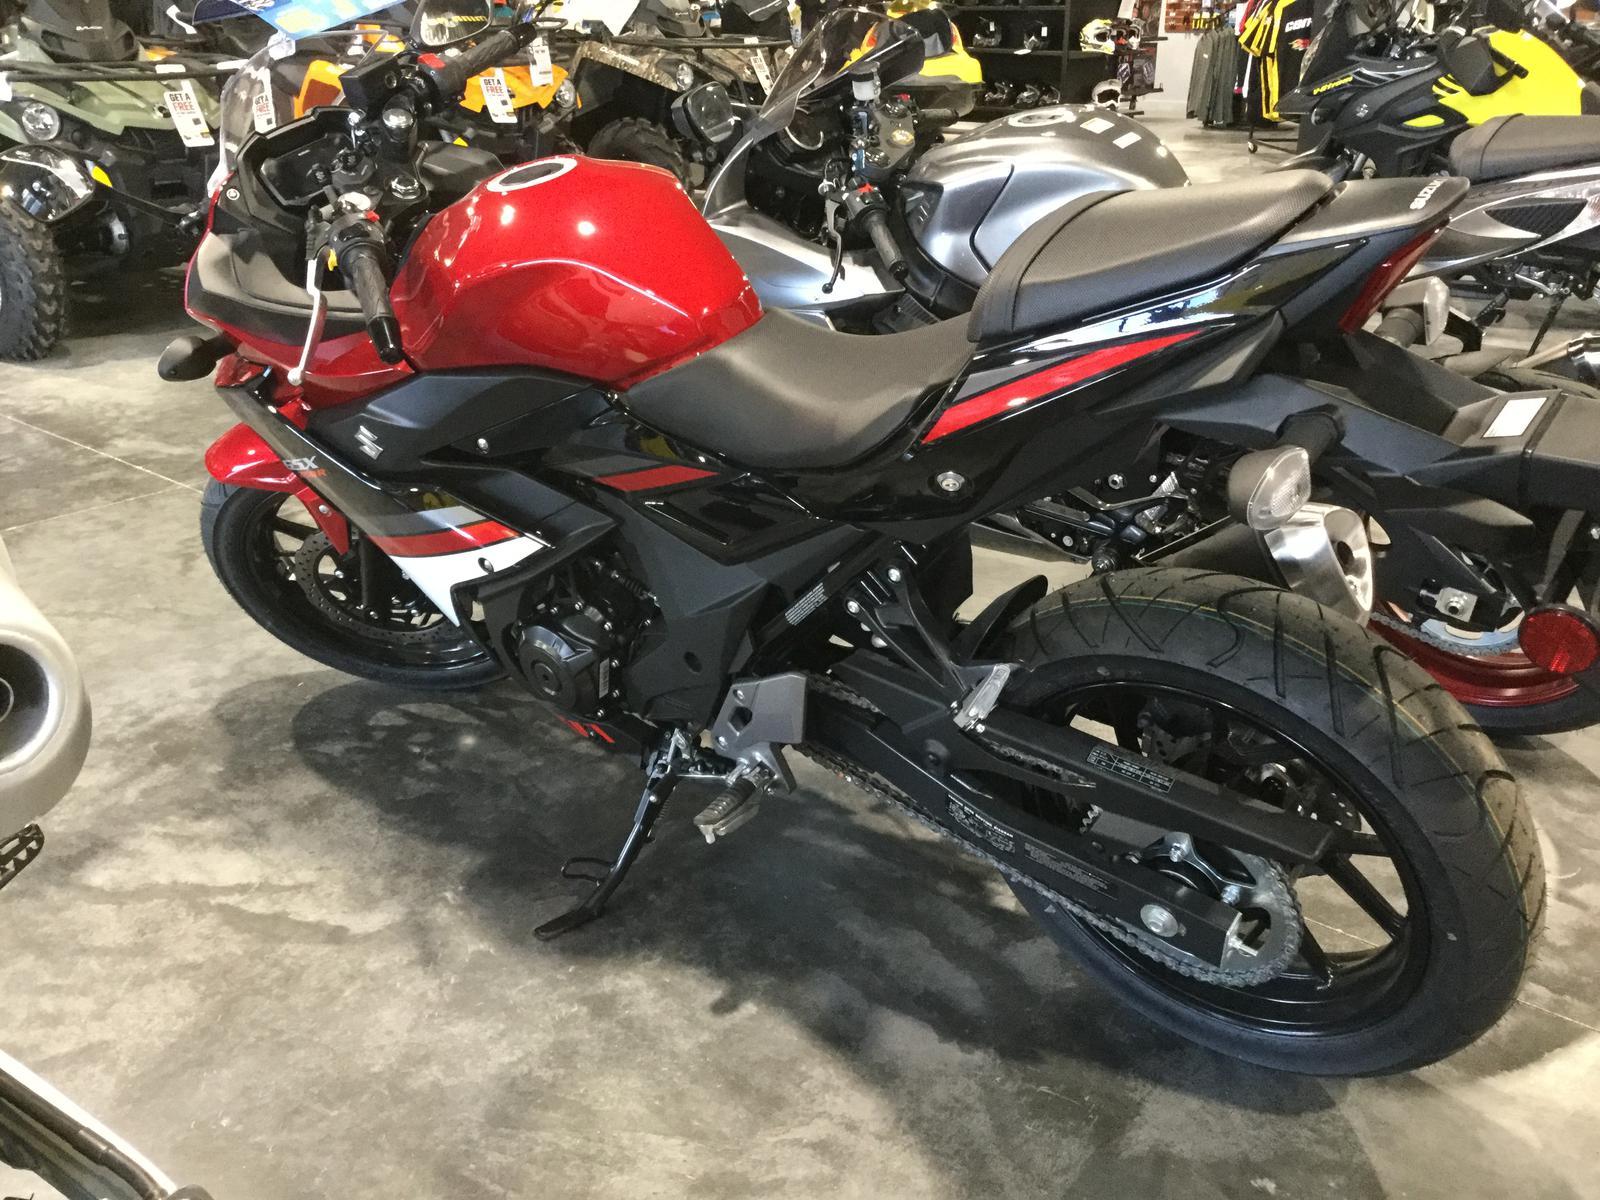 2018 Suzuki Gsx250r For Sale In Ronan Mt S S Sports